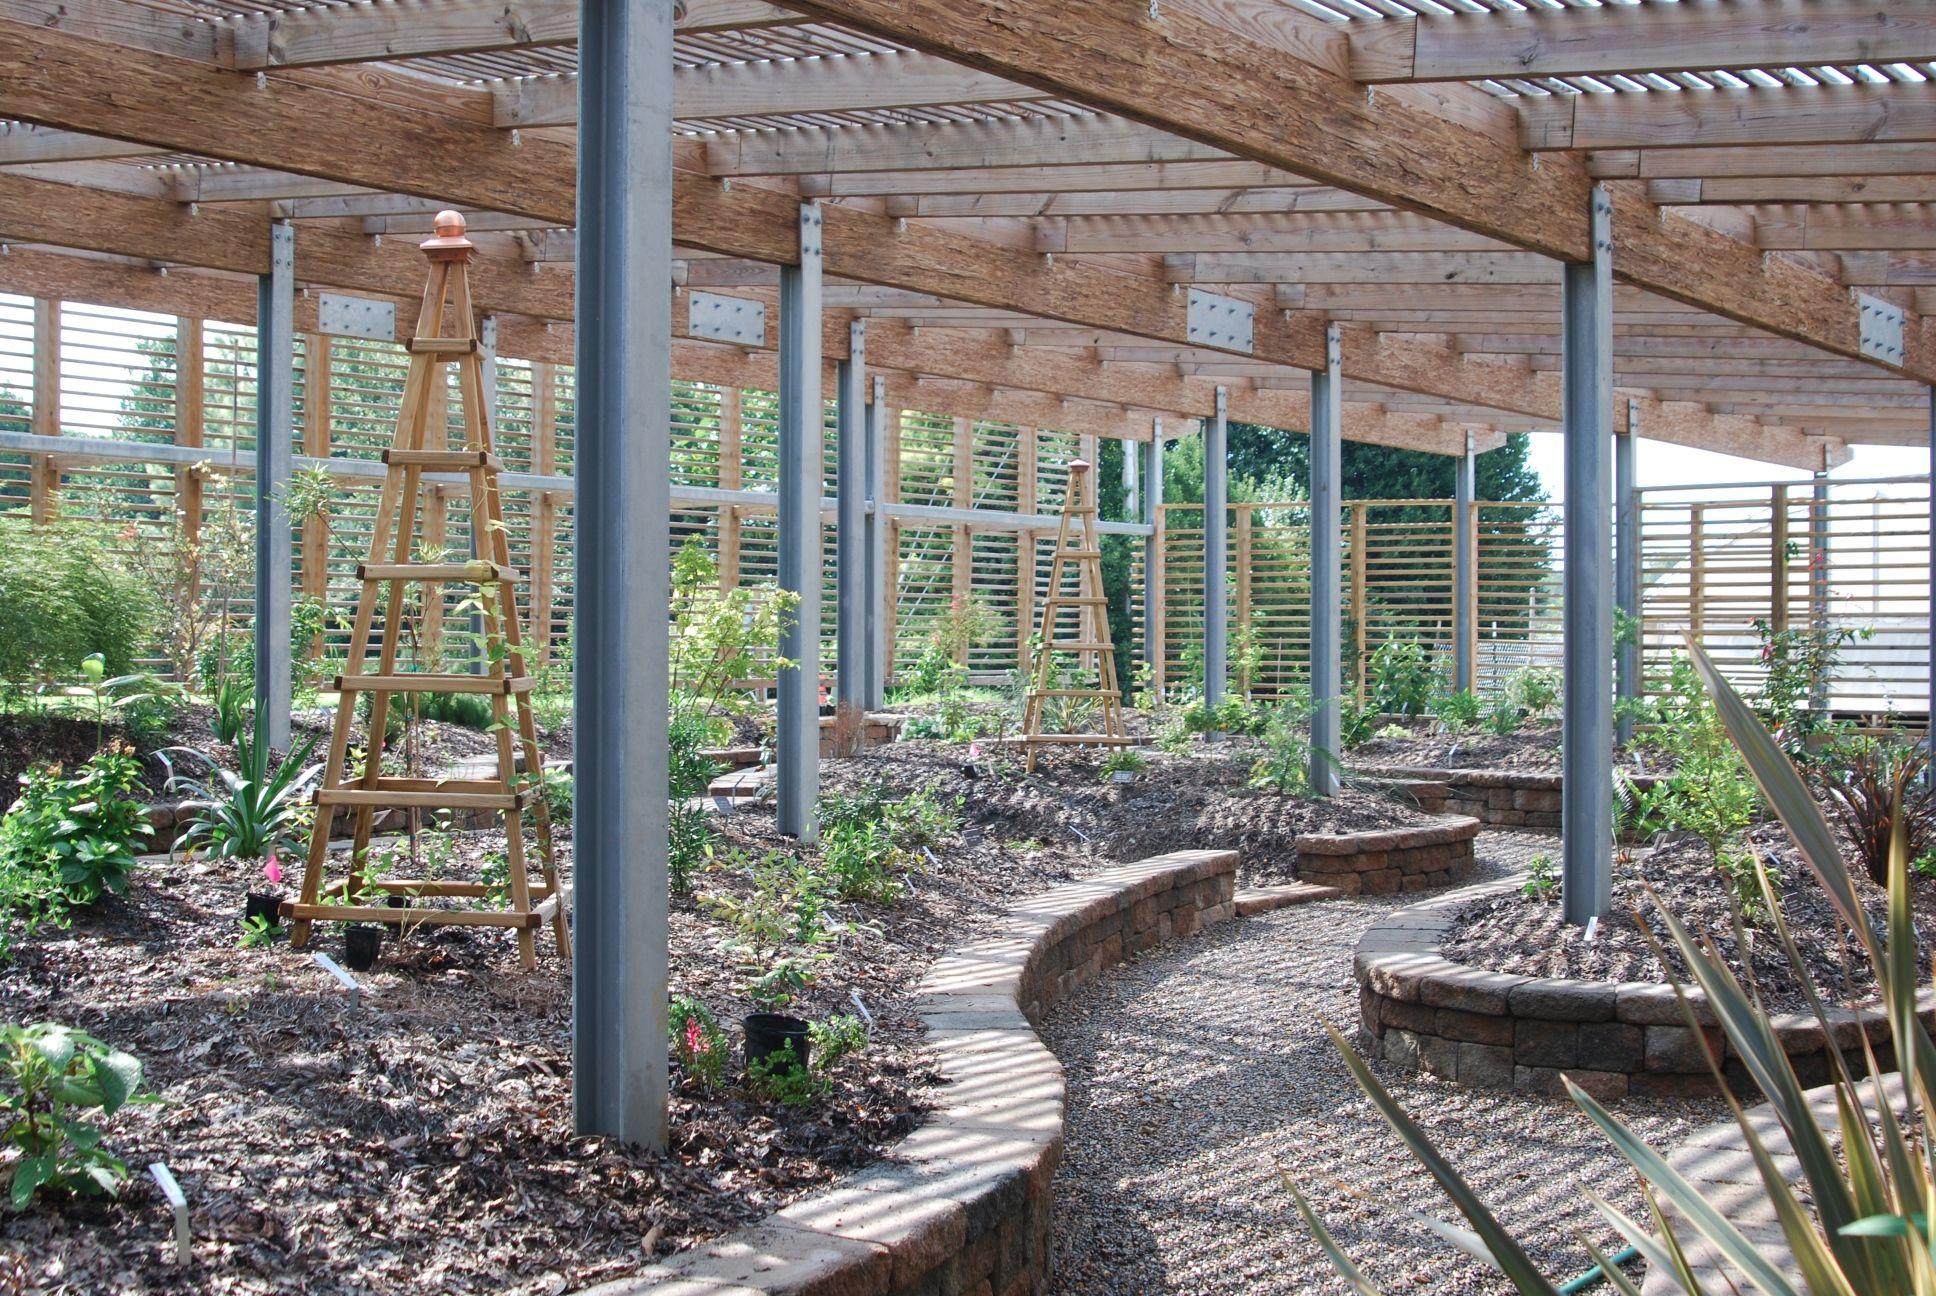 Lath House Interior Shade House Pergola Garden Design Backyard shade house designs